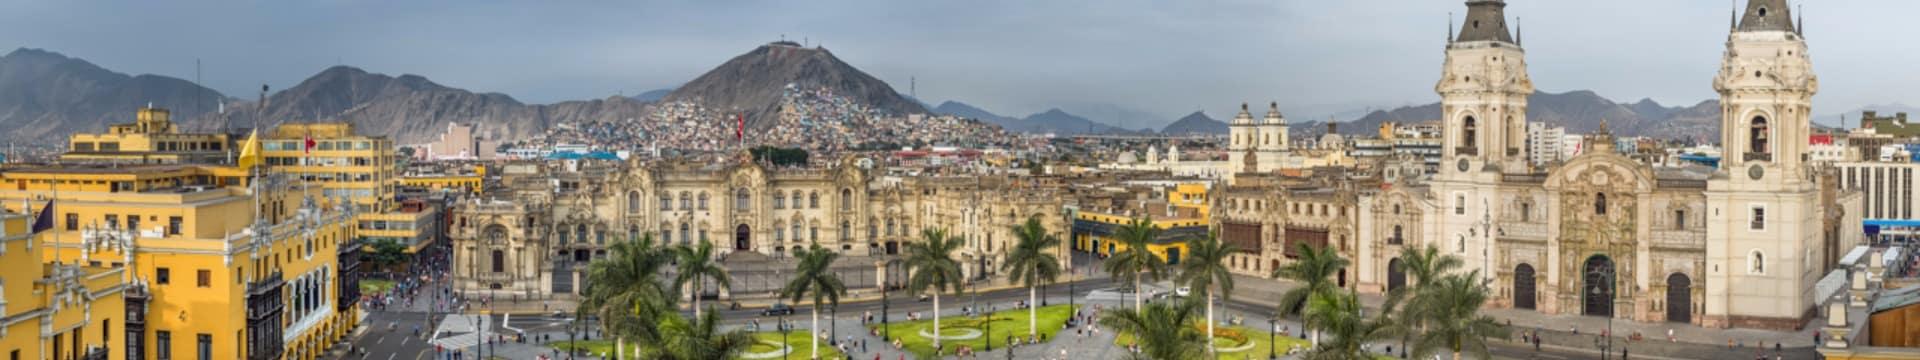 Ponto turístico Praça Principal Lima Peru